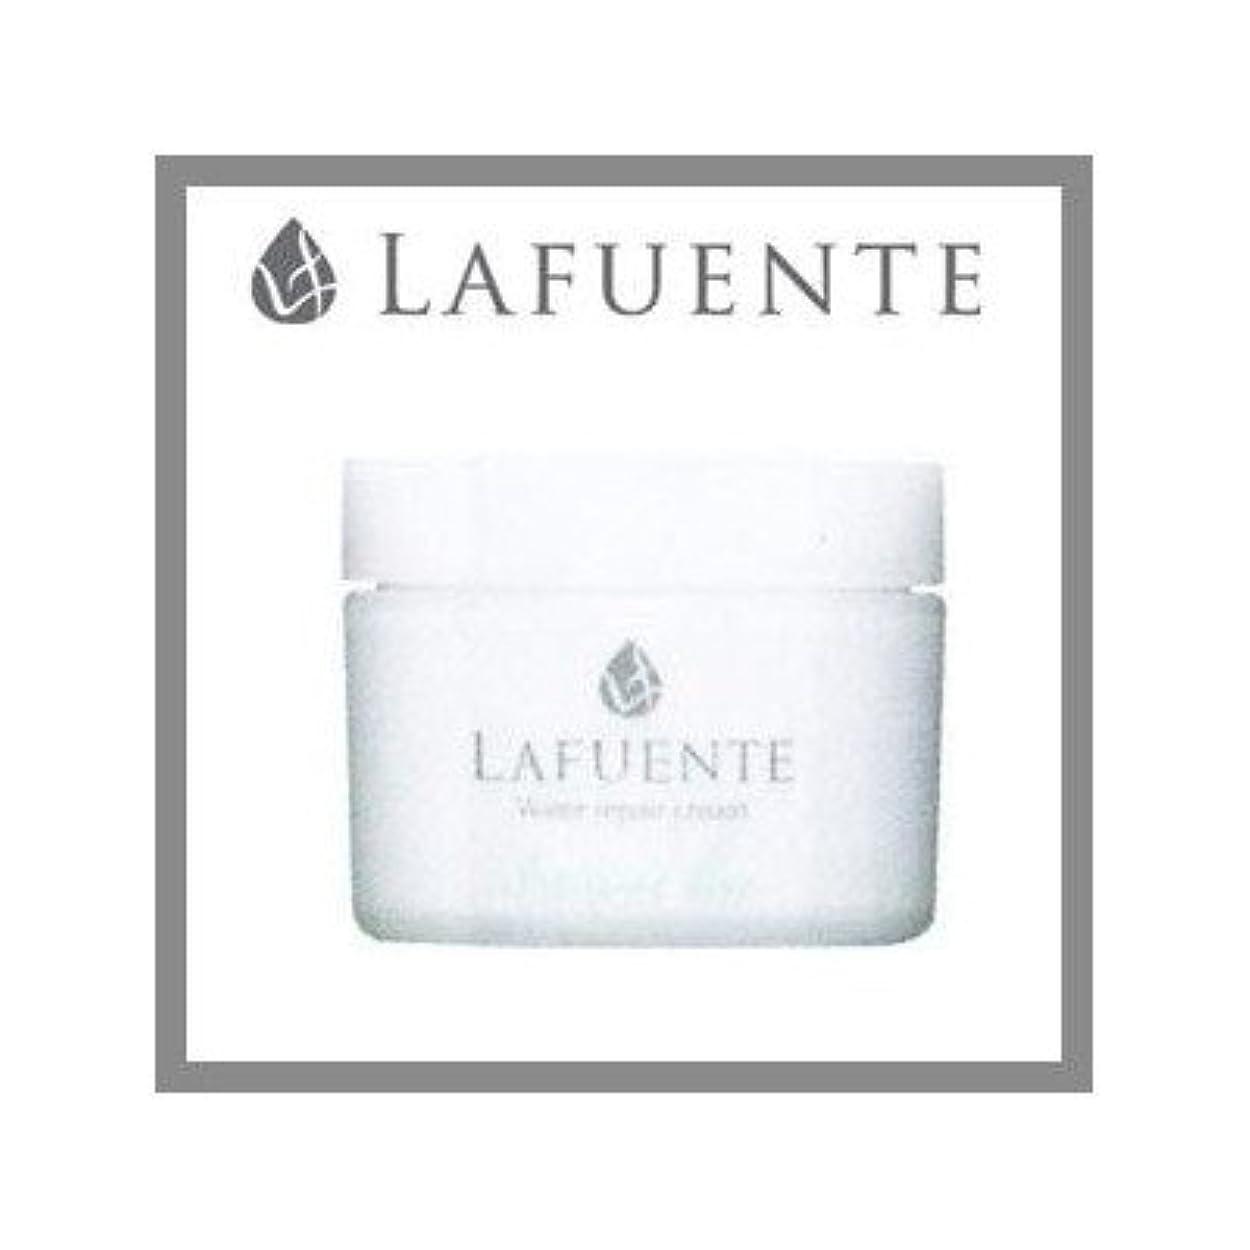 思いつく見るホットウォーターリペア クリーム ラファンテ LAFUENTE 50g t2325148